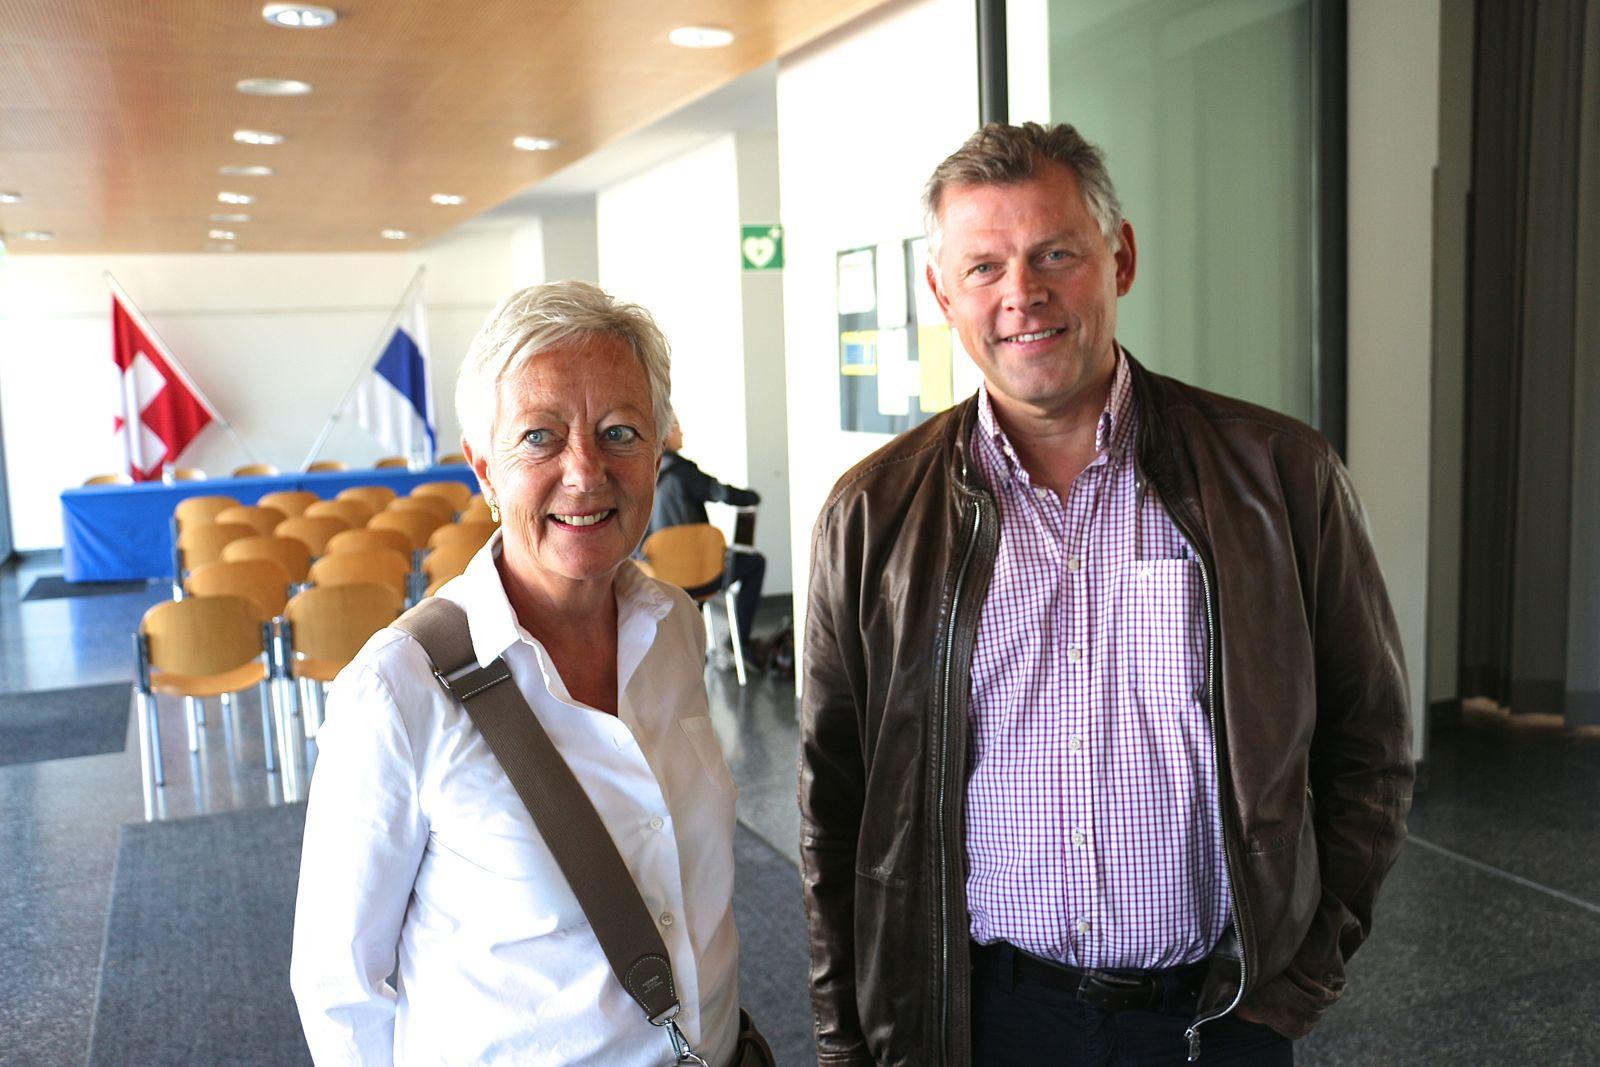 Stark engagiert: Die ehemalige Zuger CVP-Stadträtin Vreni Wicky und Andreas Kleeb leiteten 2014 gemeinsam das Komitee für die Doppelinitiative «Ja zur historischen Altstadt» und «Ja zu gesunden Stadtfinanzen» – die allerdings verloren ging.